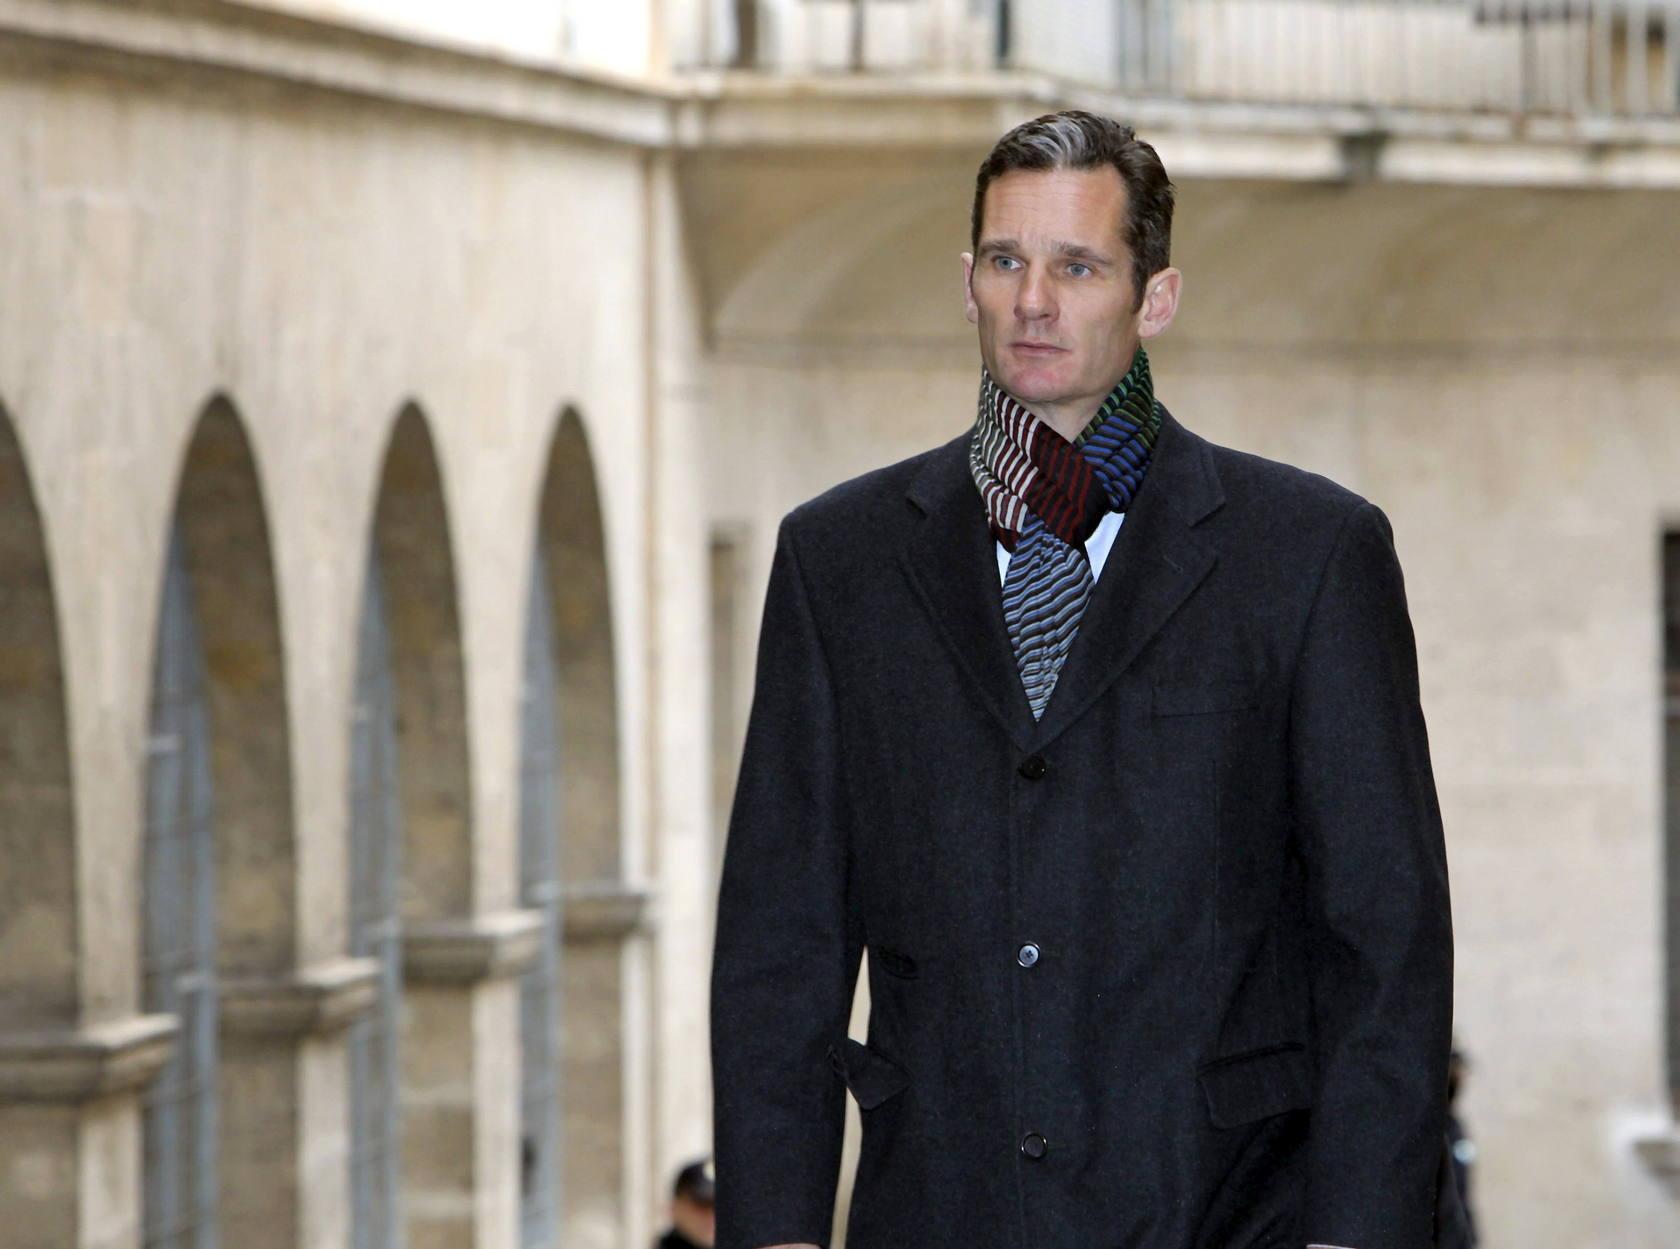 Urdangarin vuelve a declarar en los juzgados de Palma de Mallorca